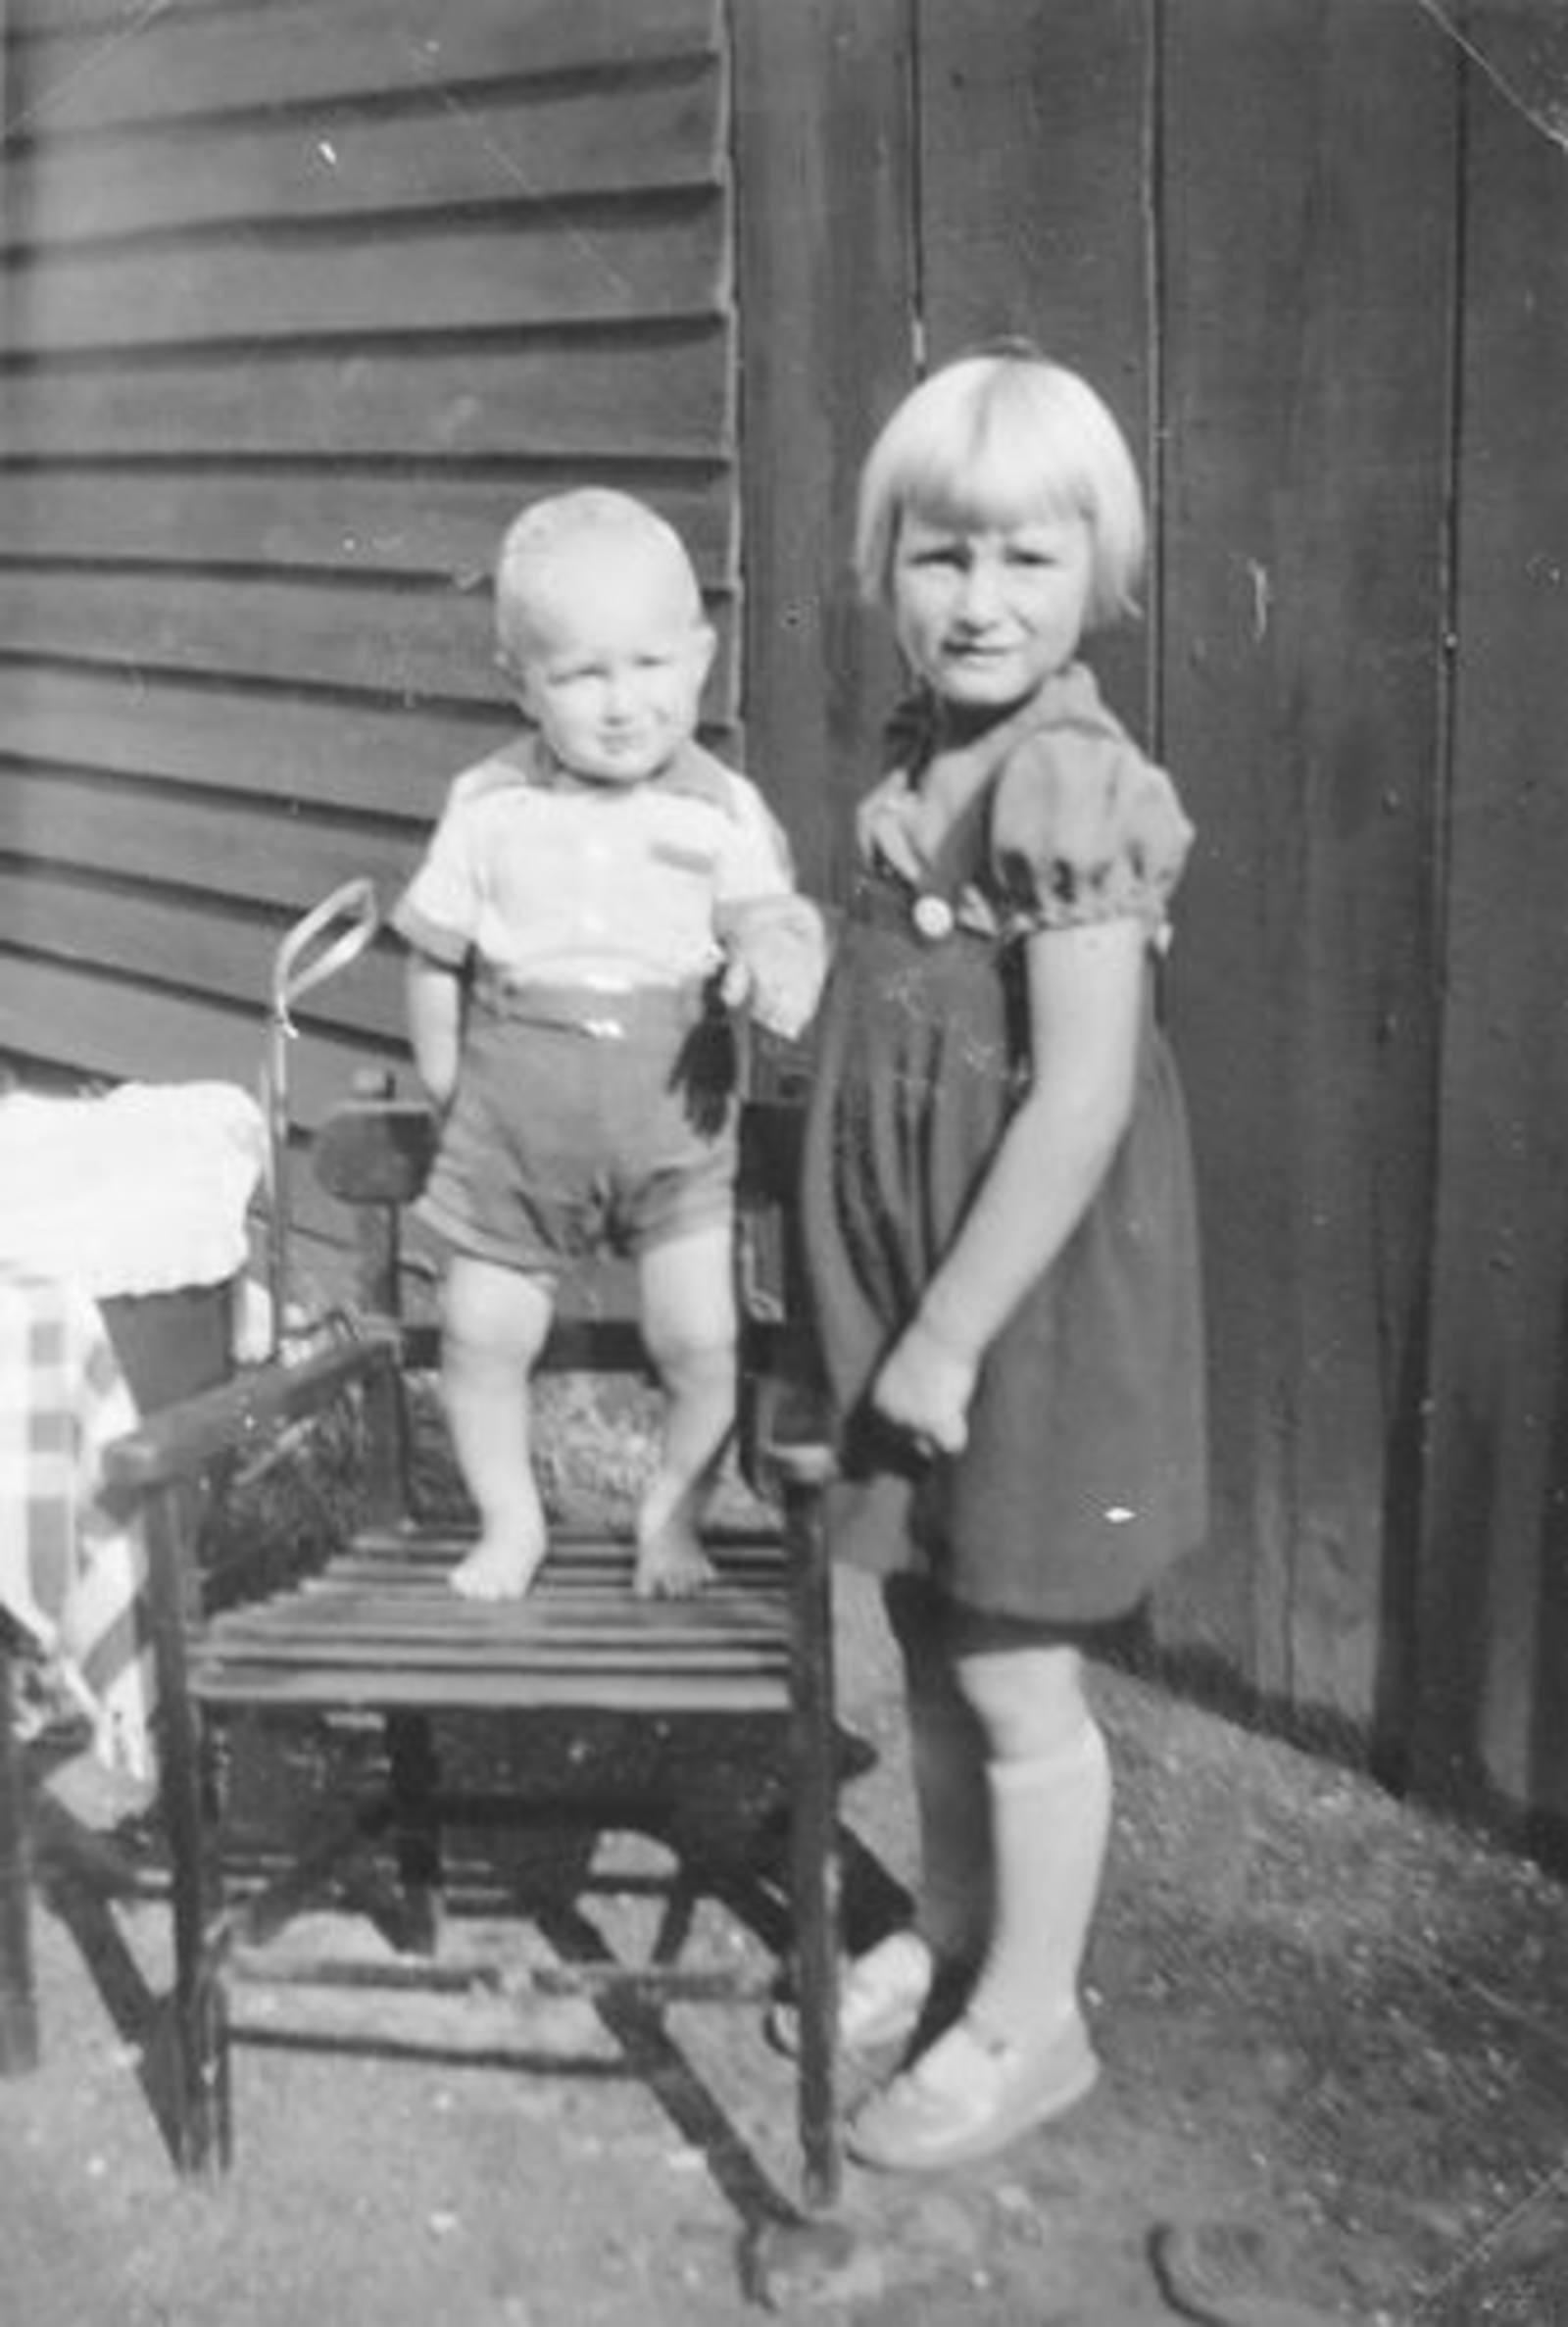 01 01 Wies Miesie 1938± met Arie Jr op stoel 01